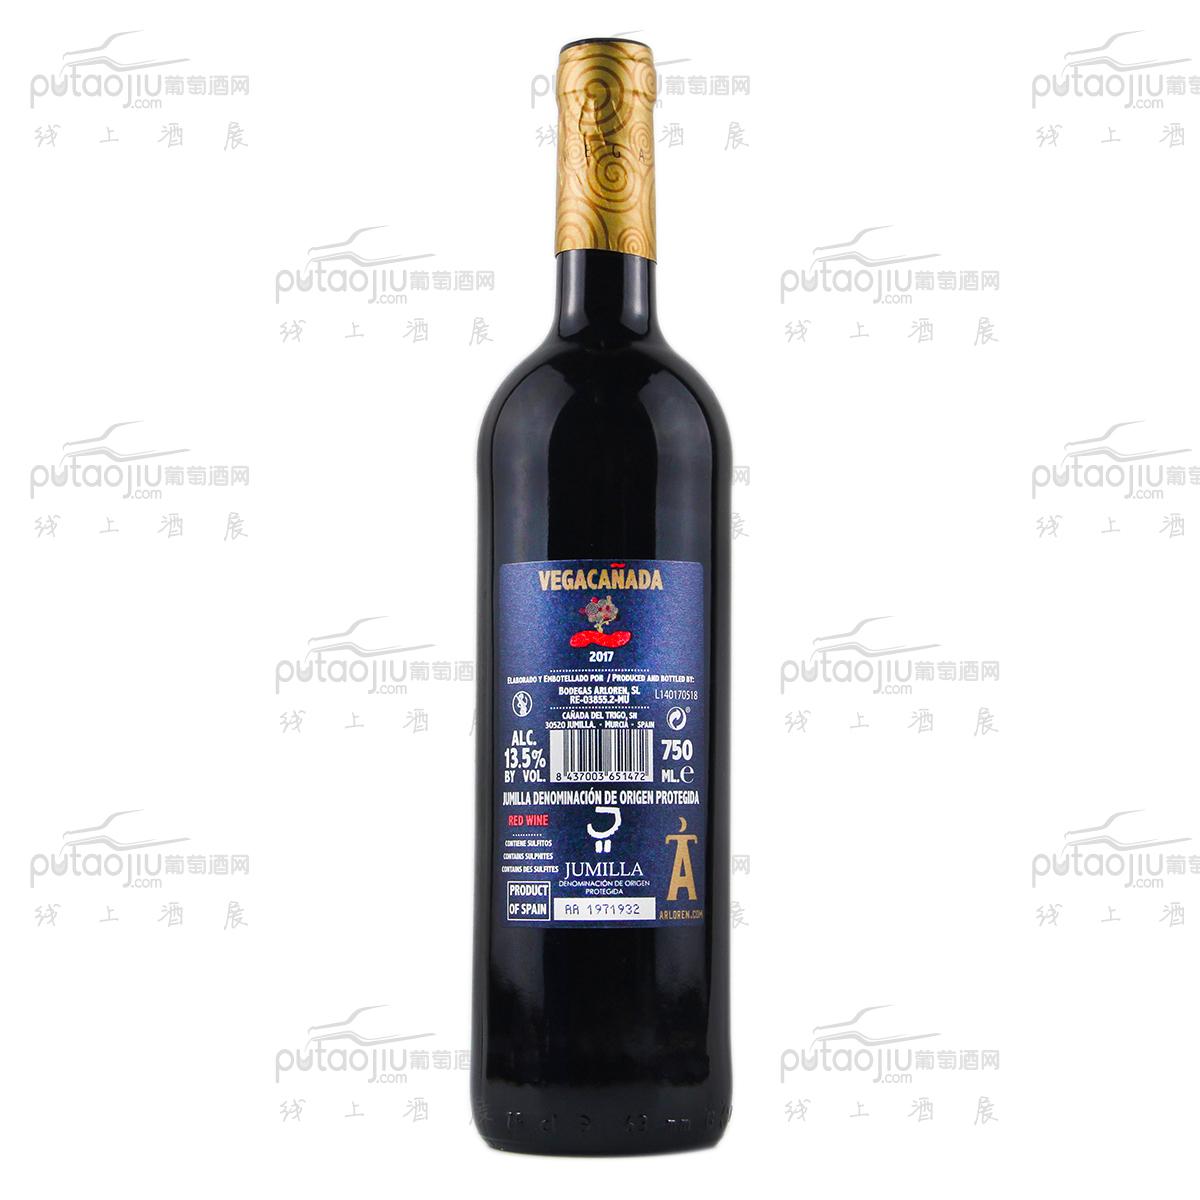 西班牙胡米利亚产区阿尔罗仁酒庄维卡慕合怀特干红葡萄酒